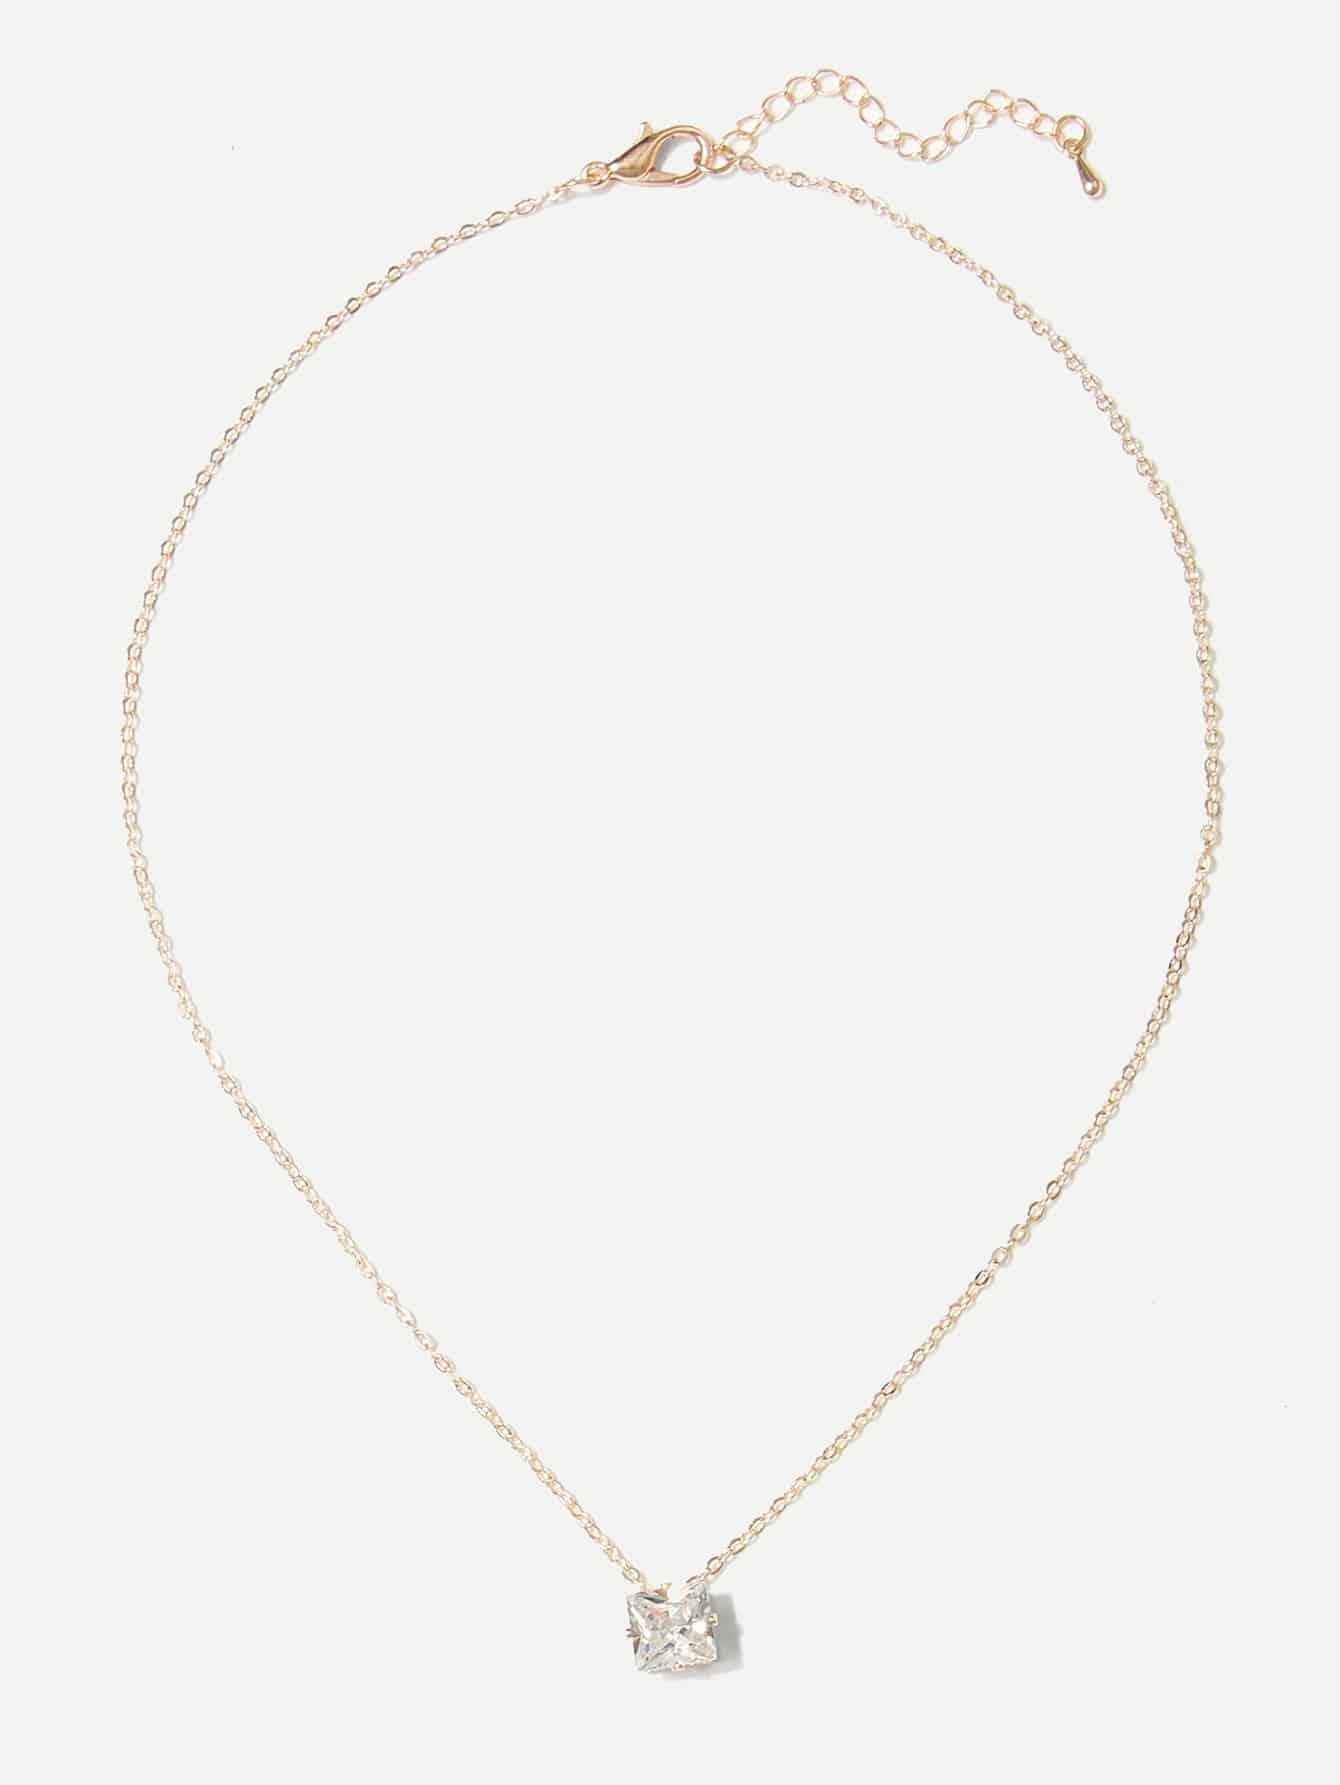 Rhinestone Pendant Necklace rhinestone bar pendant necklace